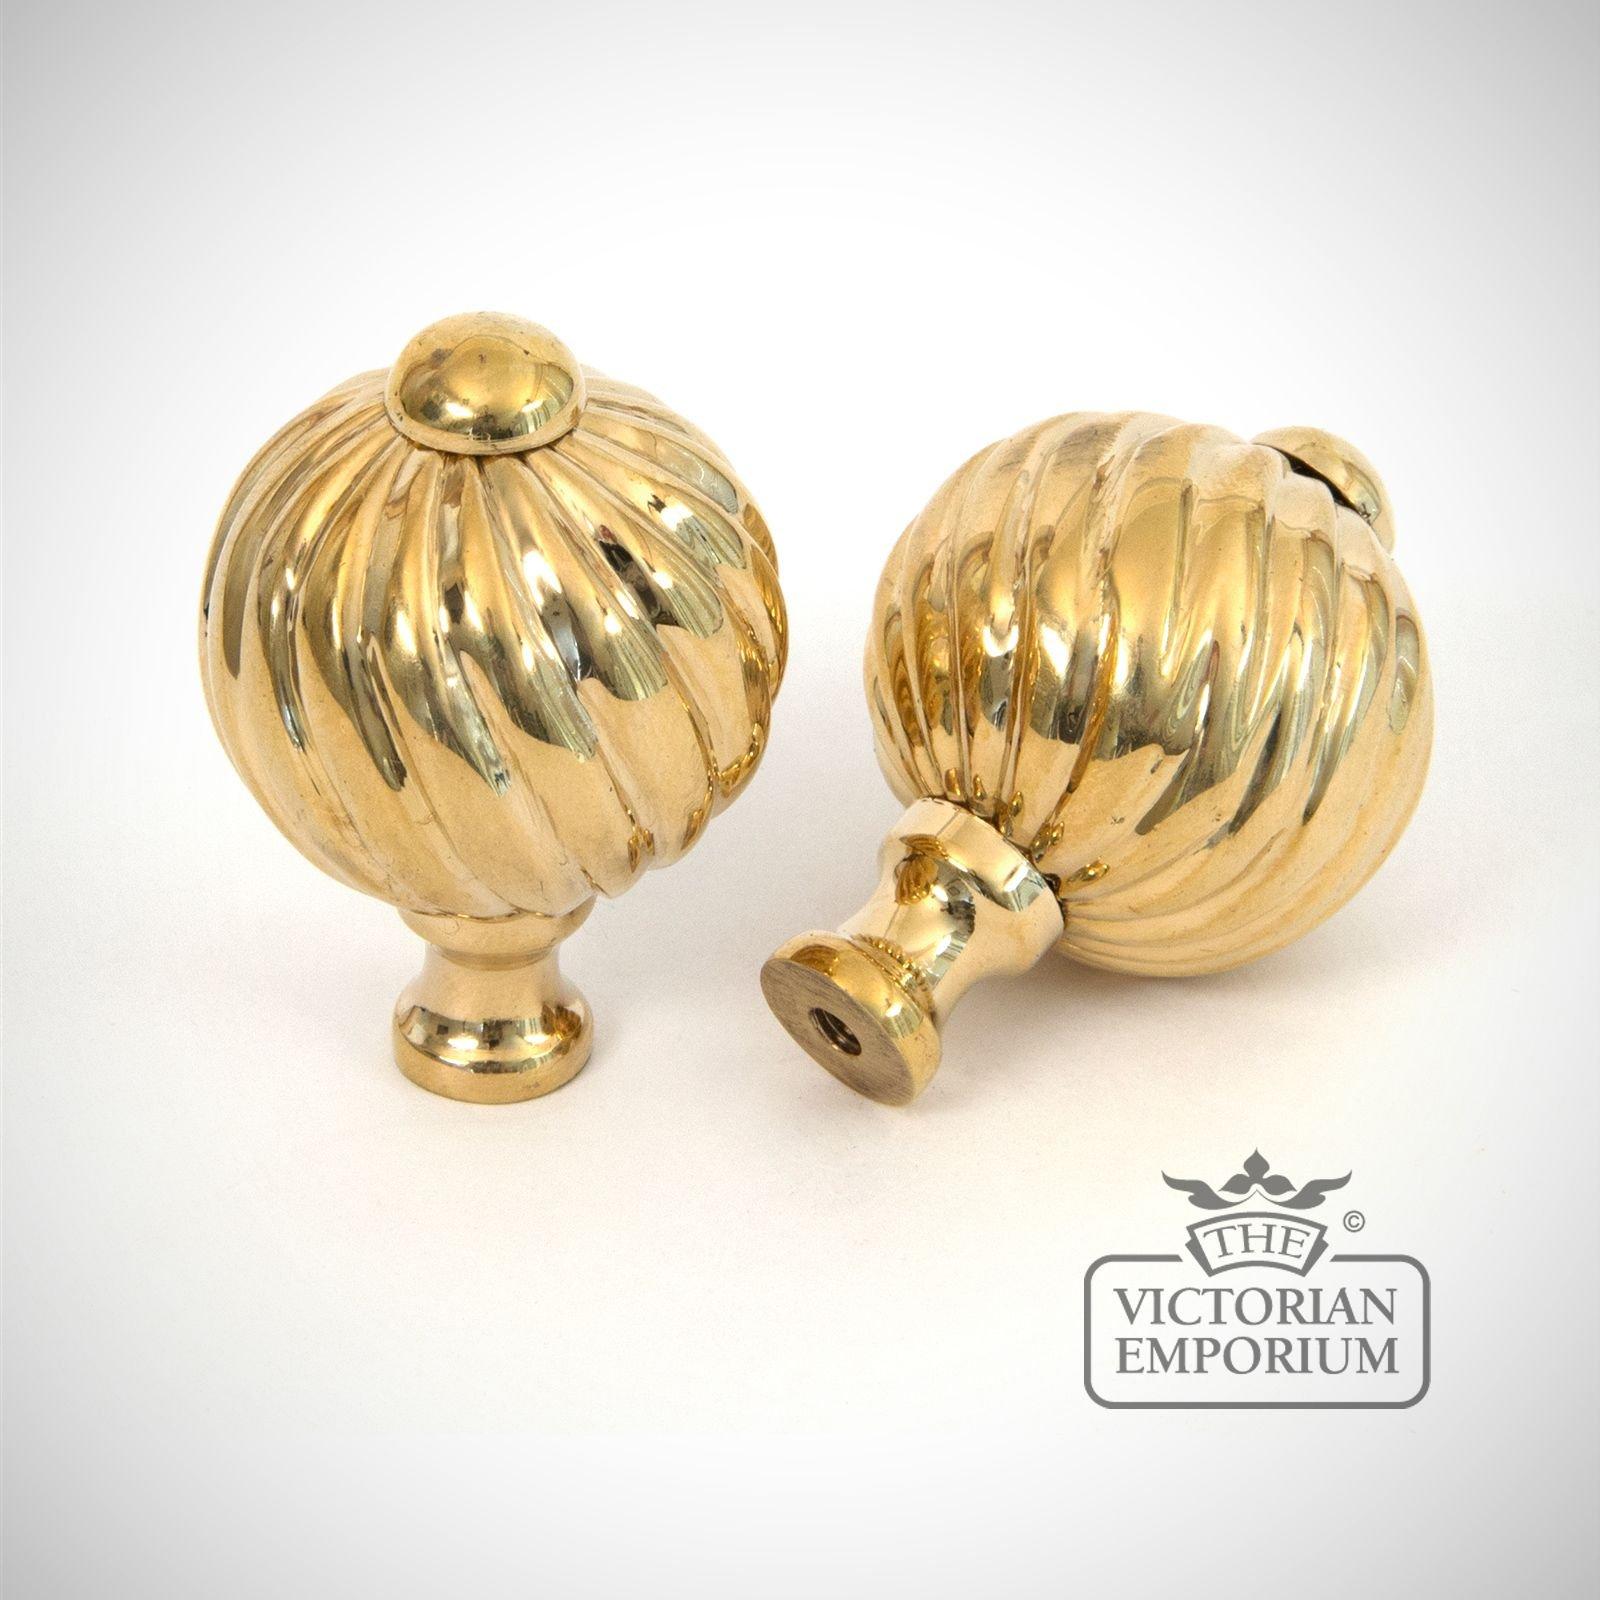 polished brass spiral cabinet knob knobs. Black Bedroom Furniture Sets. Home Design Ideas